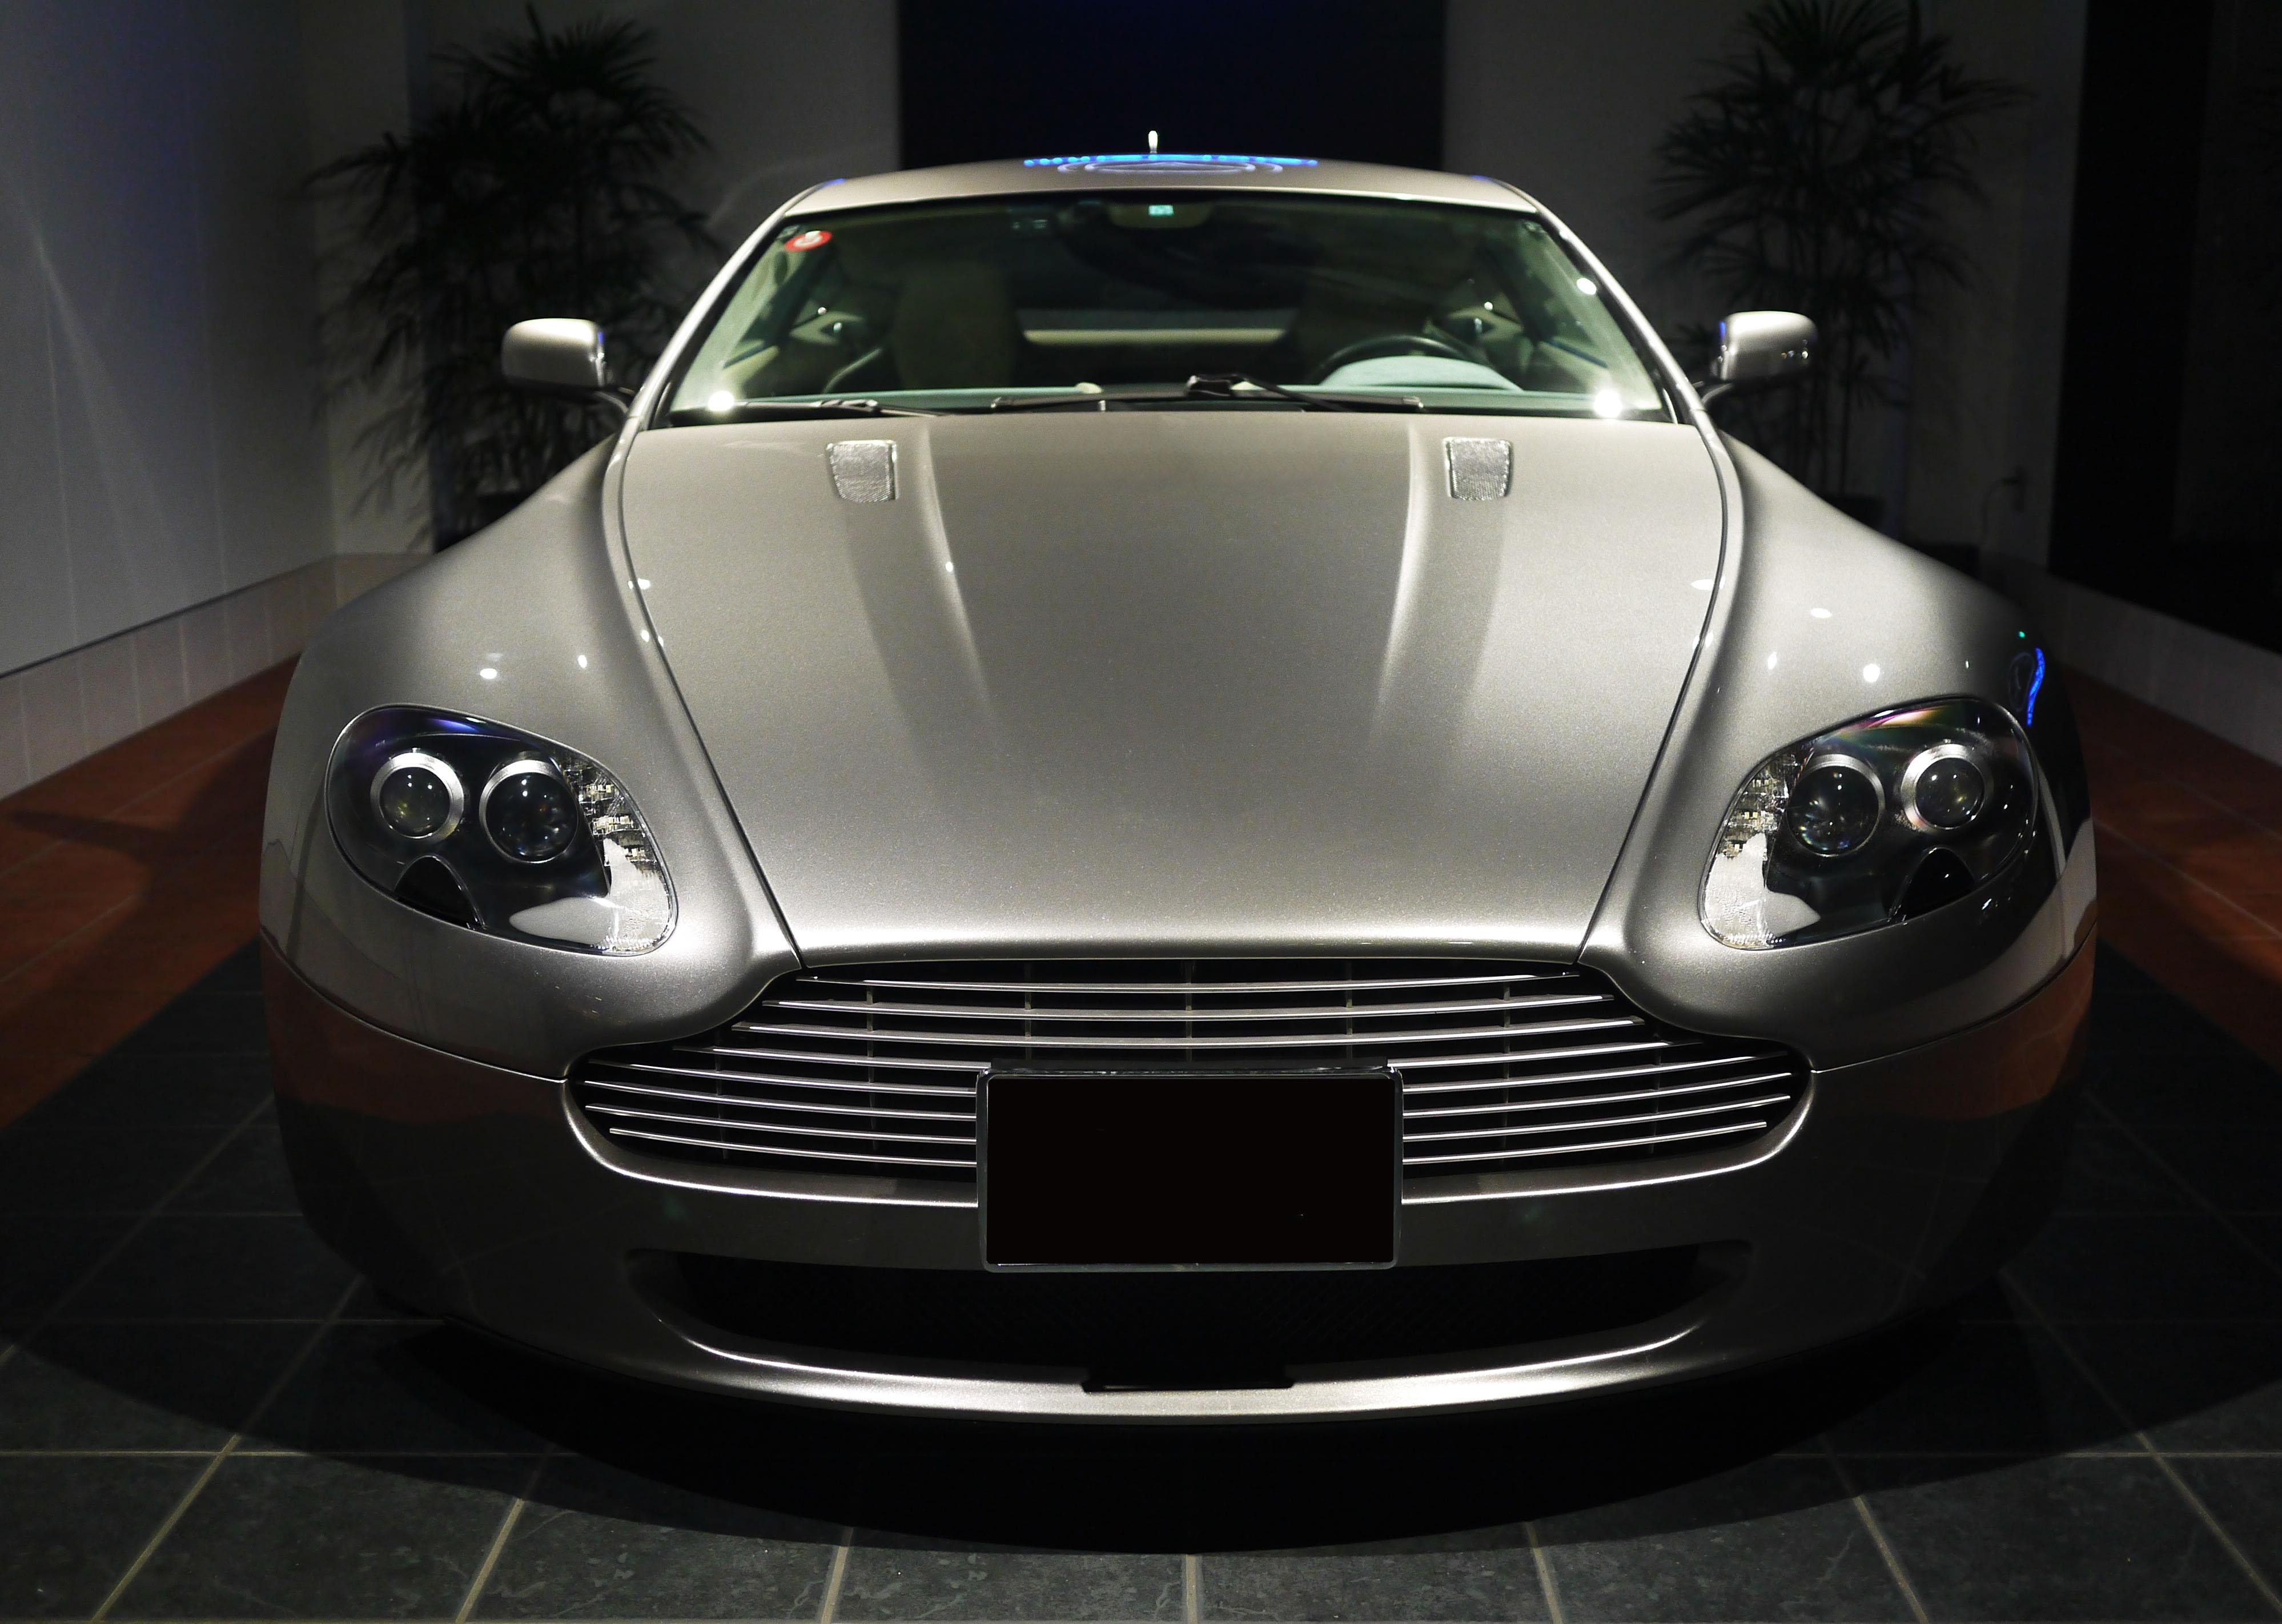 世界一高い車ランキングTOP11!超高級車のメーカーや値段を紹介!